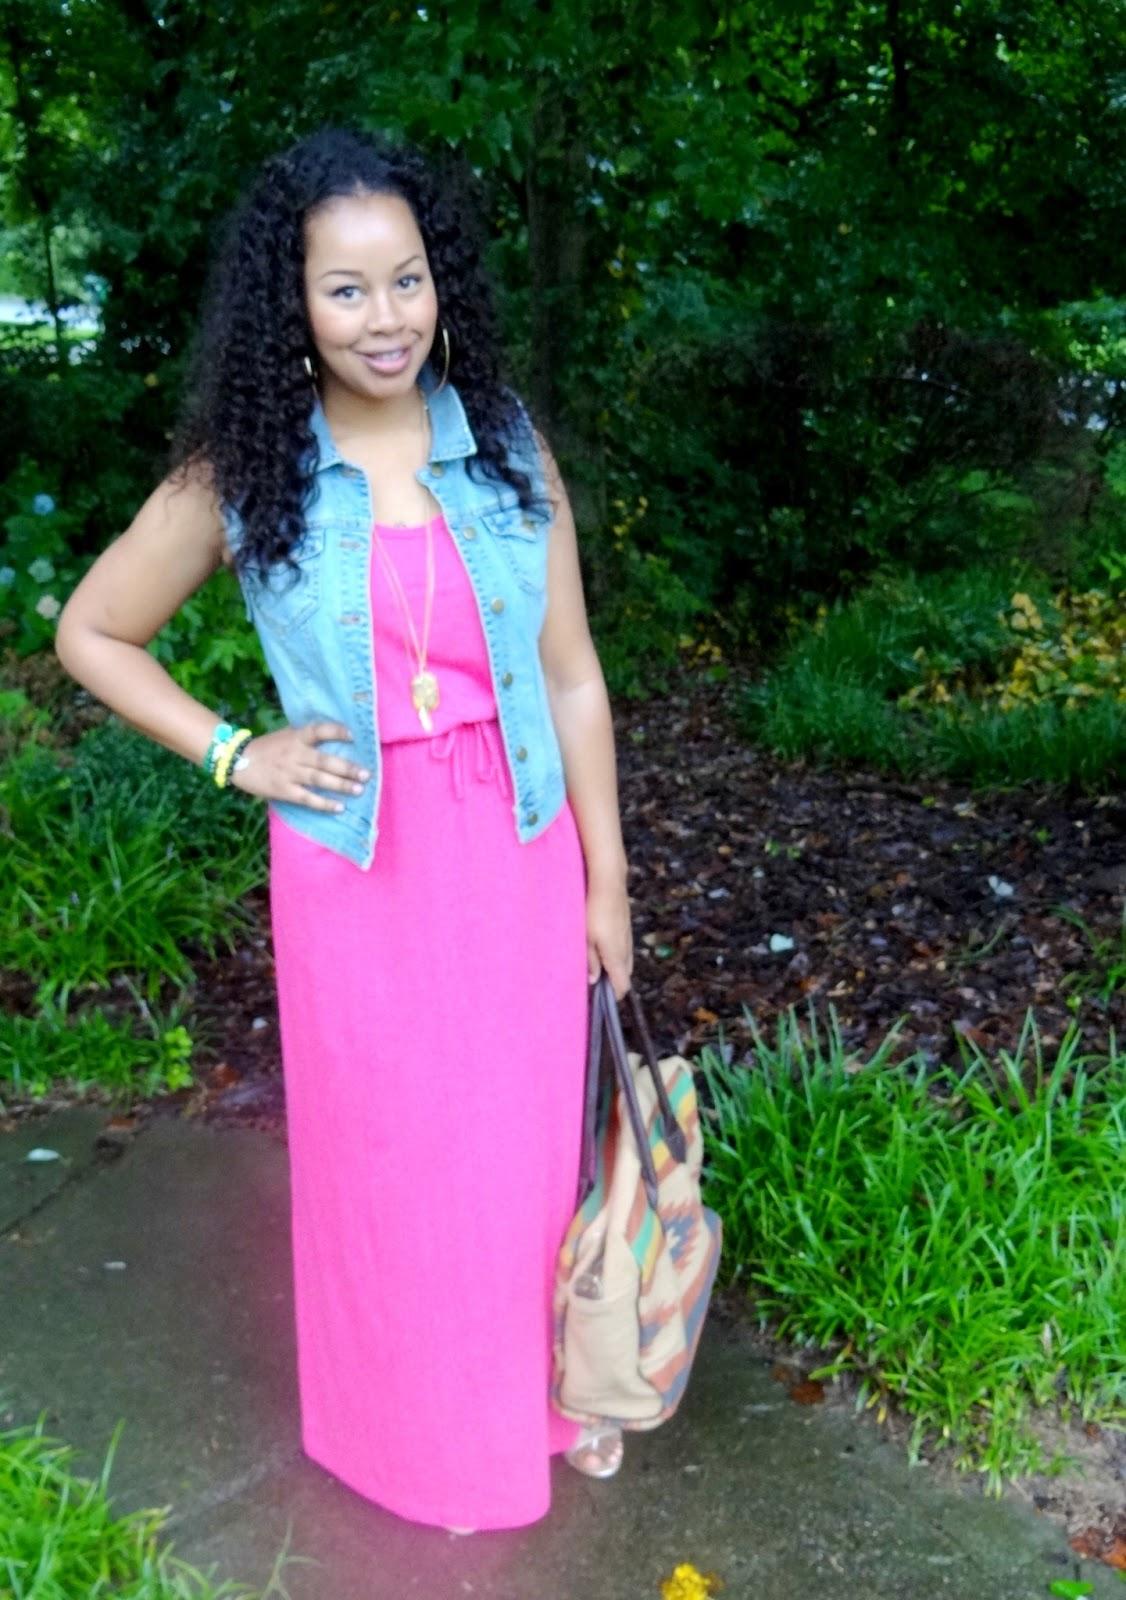 Style me maxi dresses